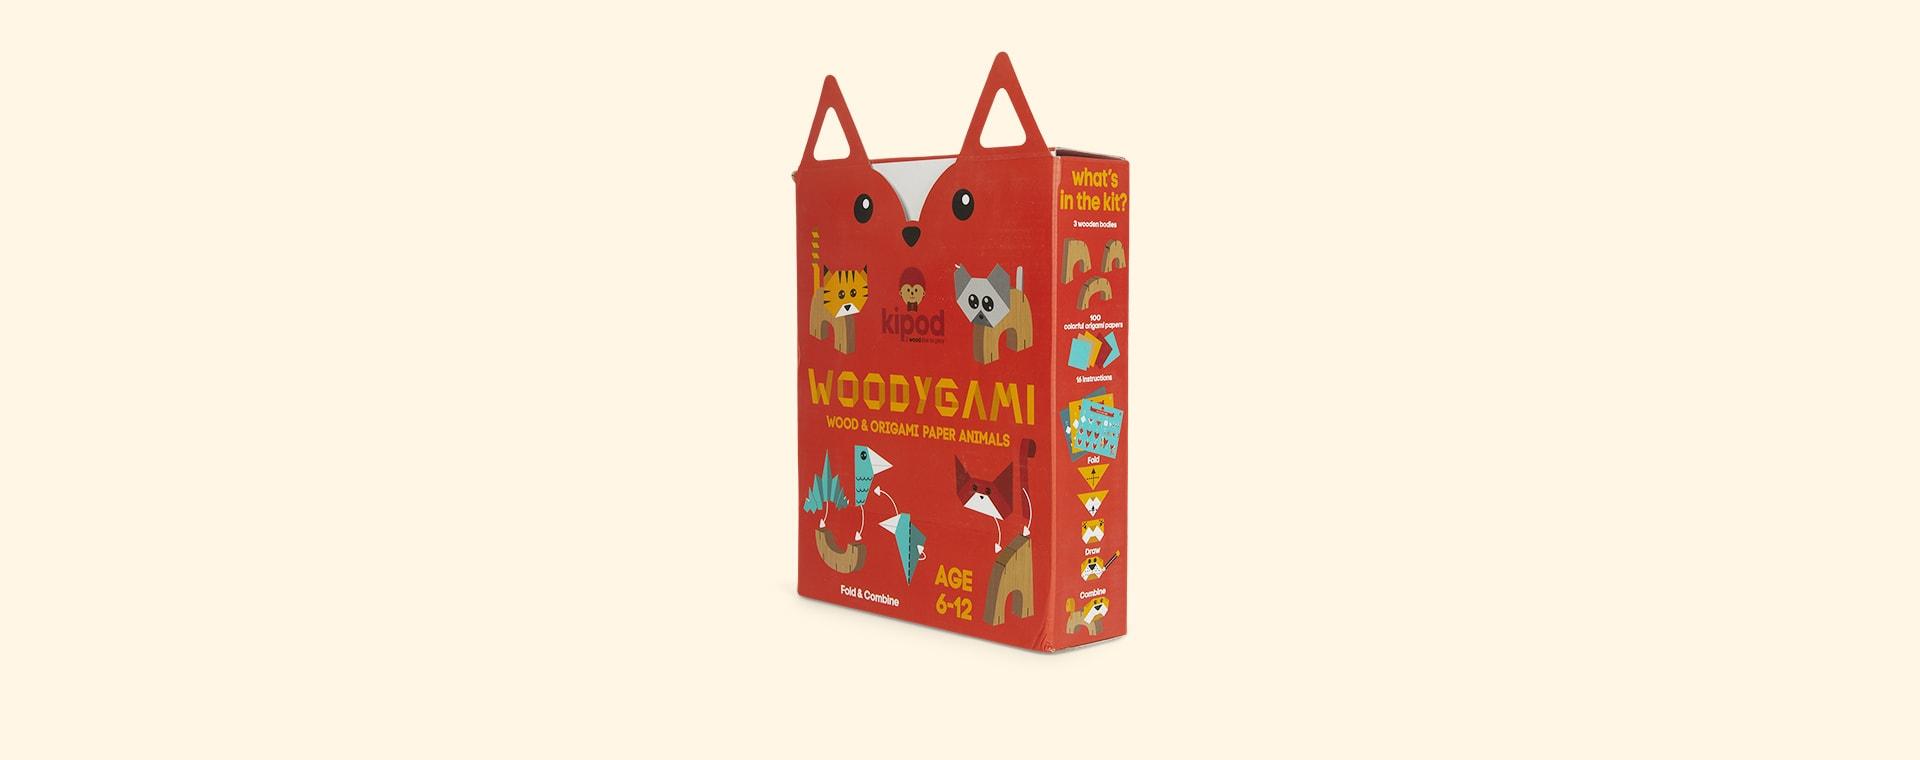 Multi Kipod WoodyGami